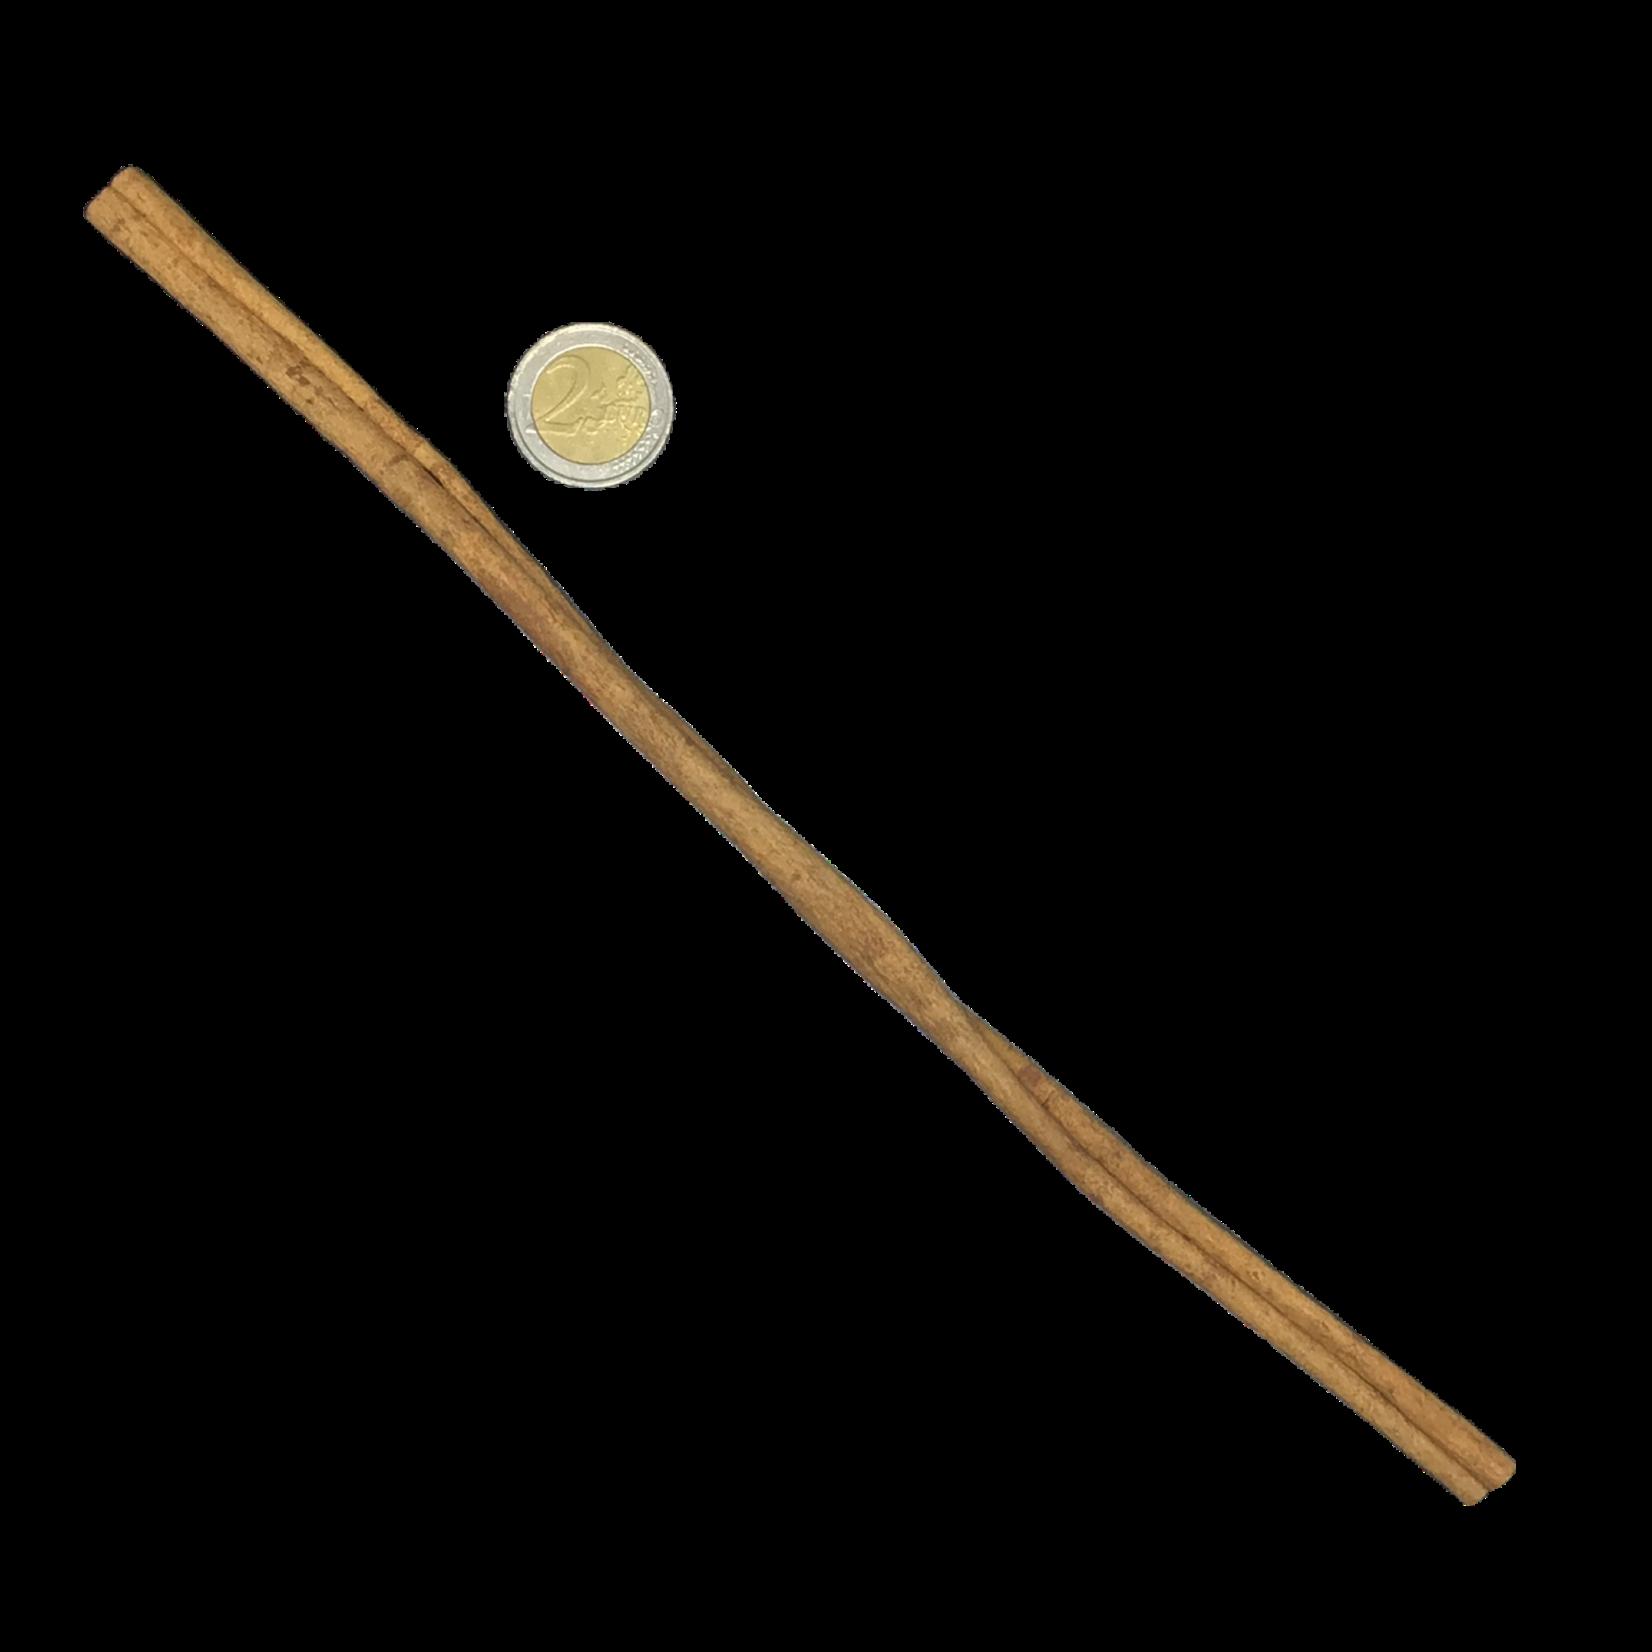 Produits naturels Kaneelstokje 30cm